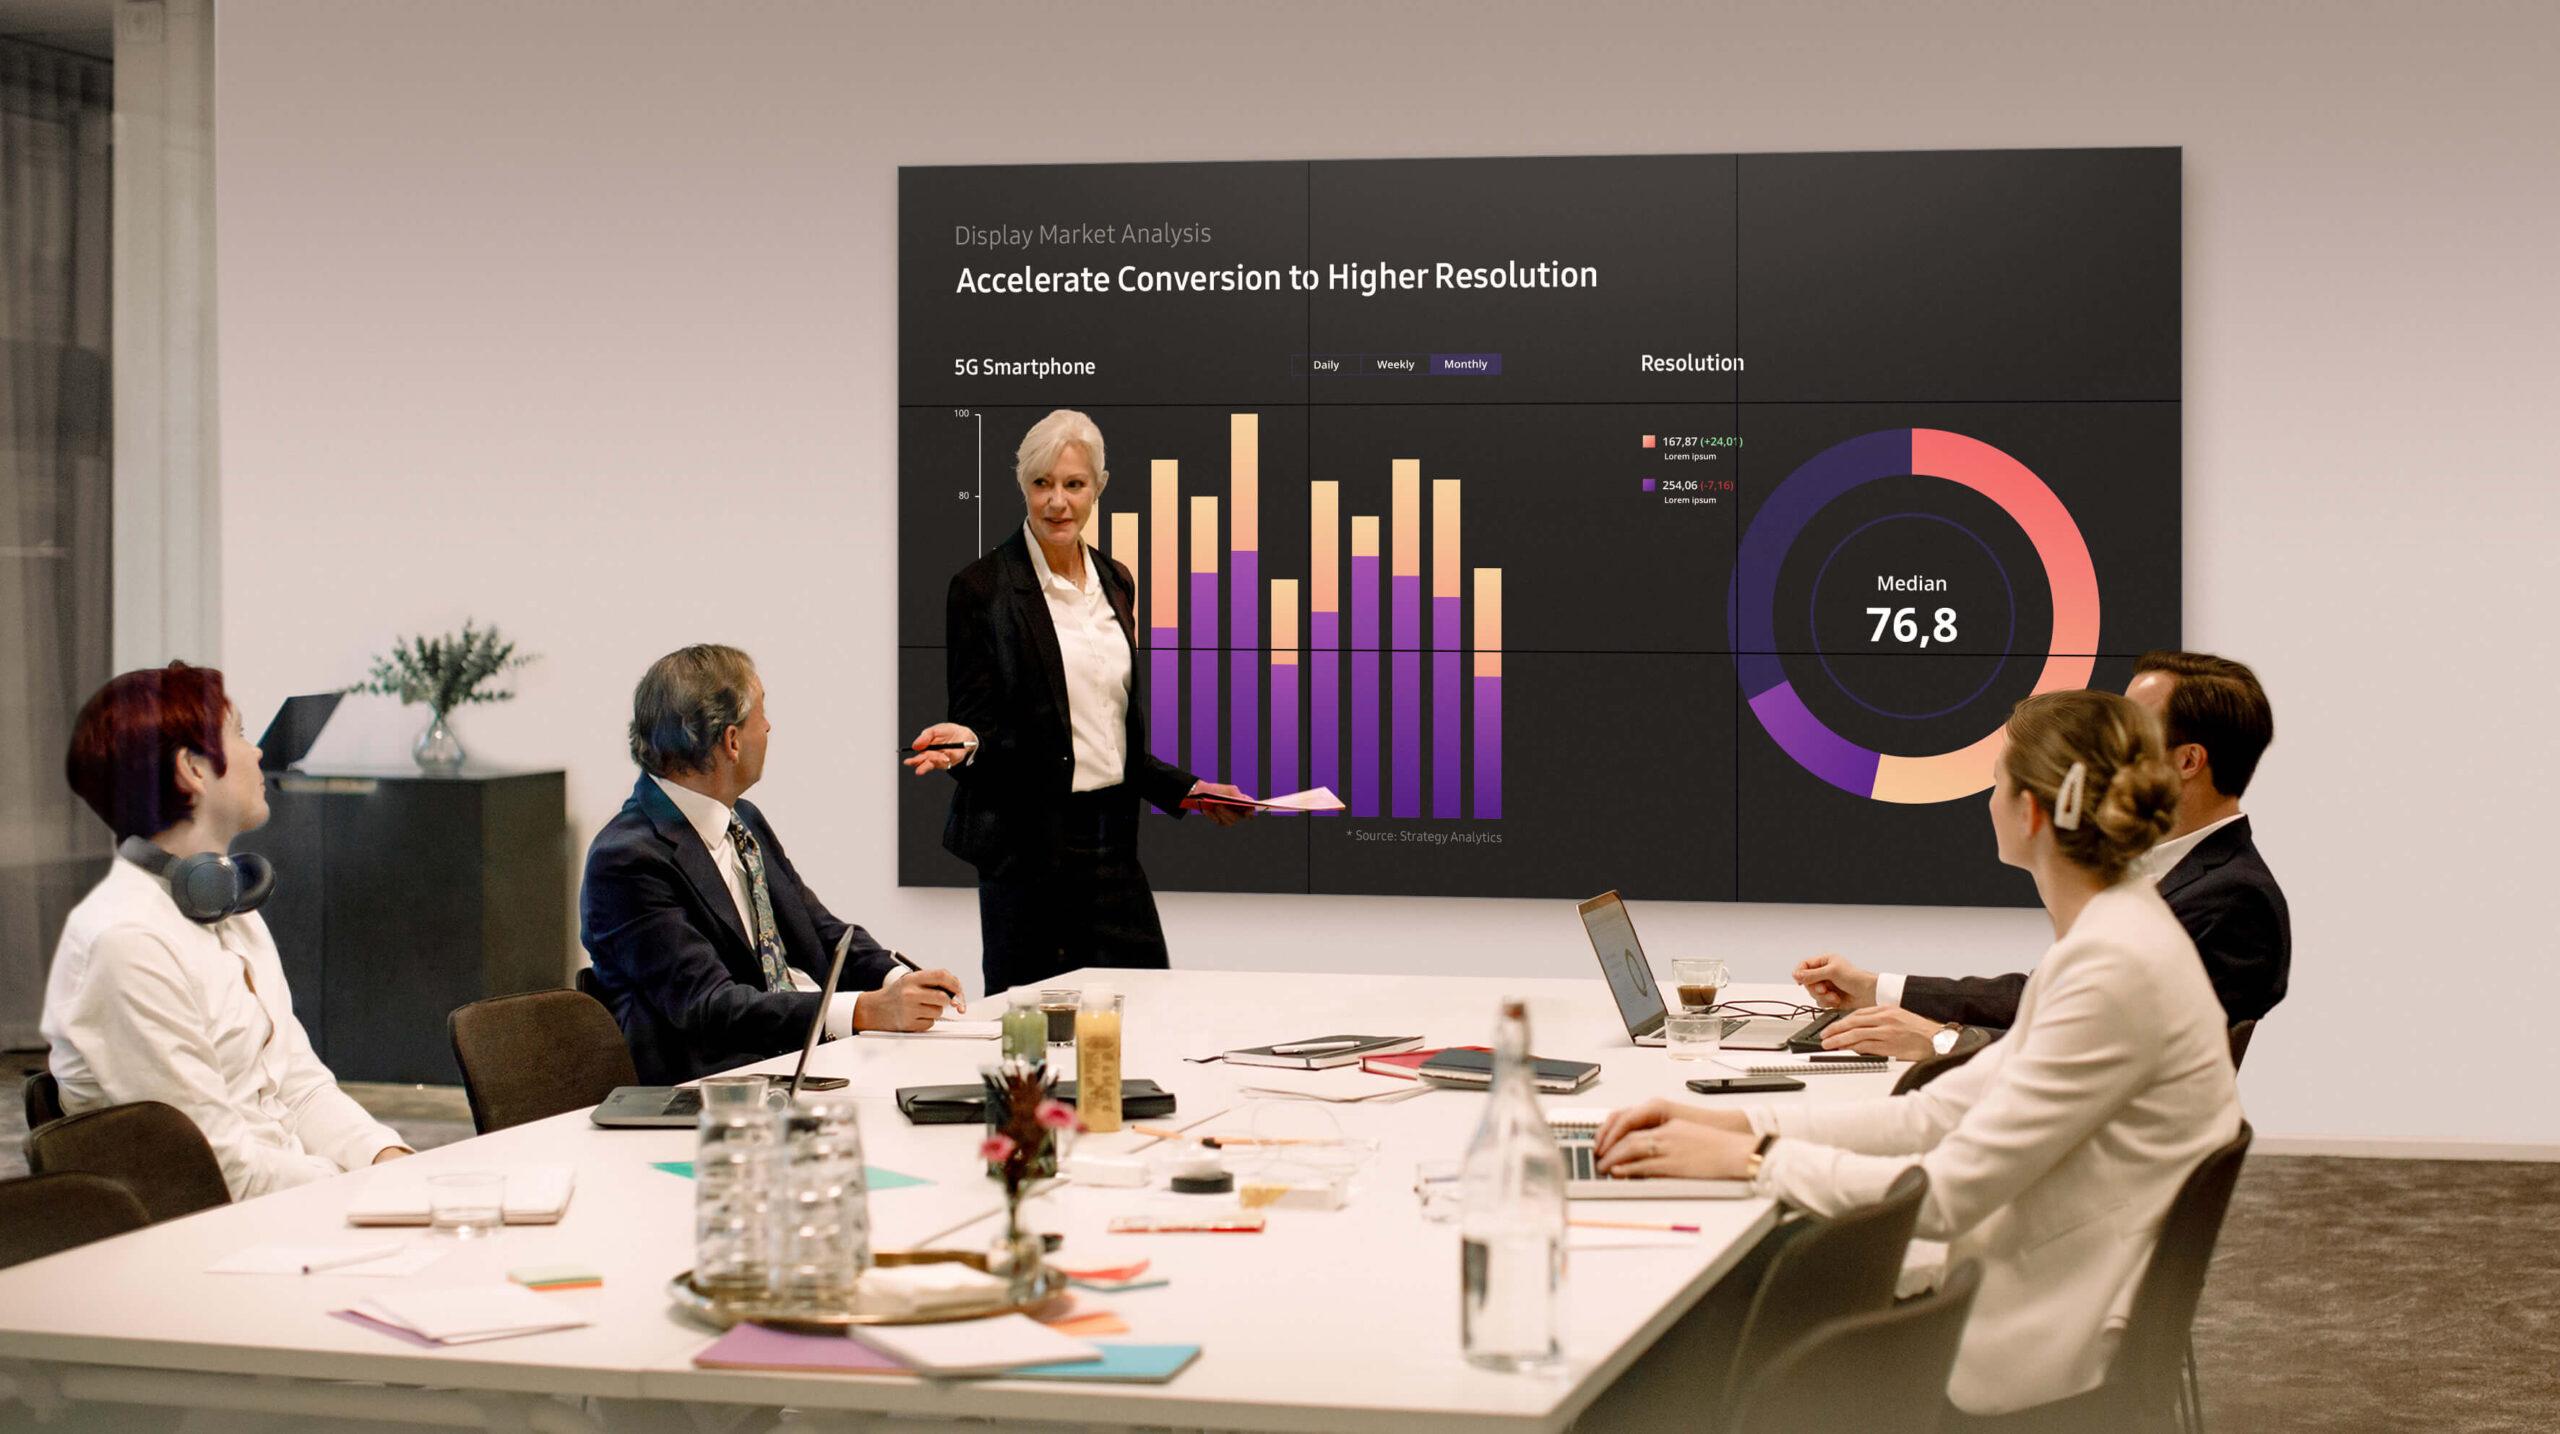 Corporate Audio Visual